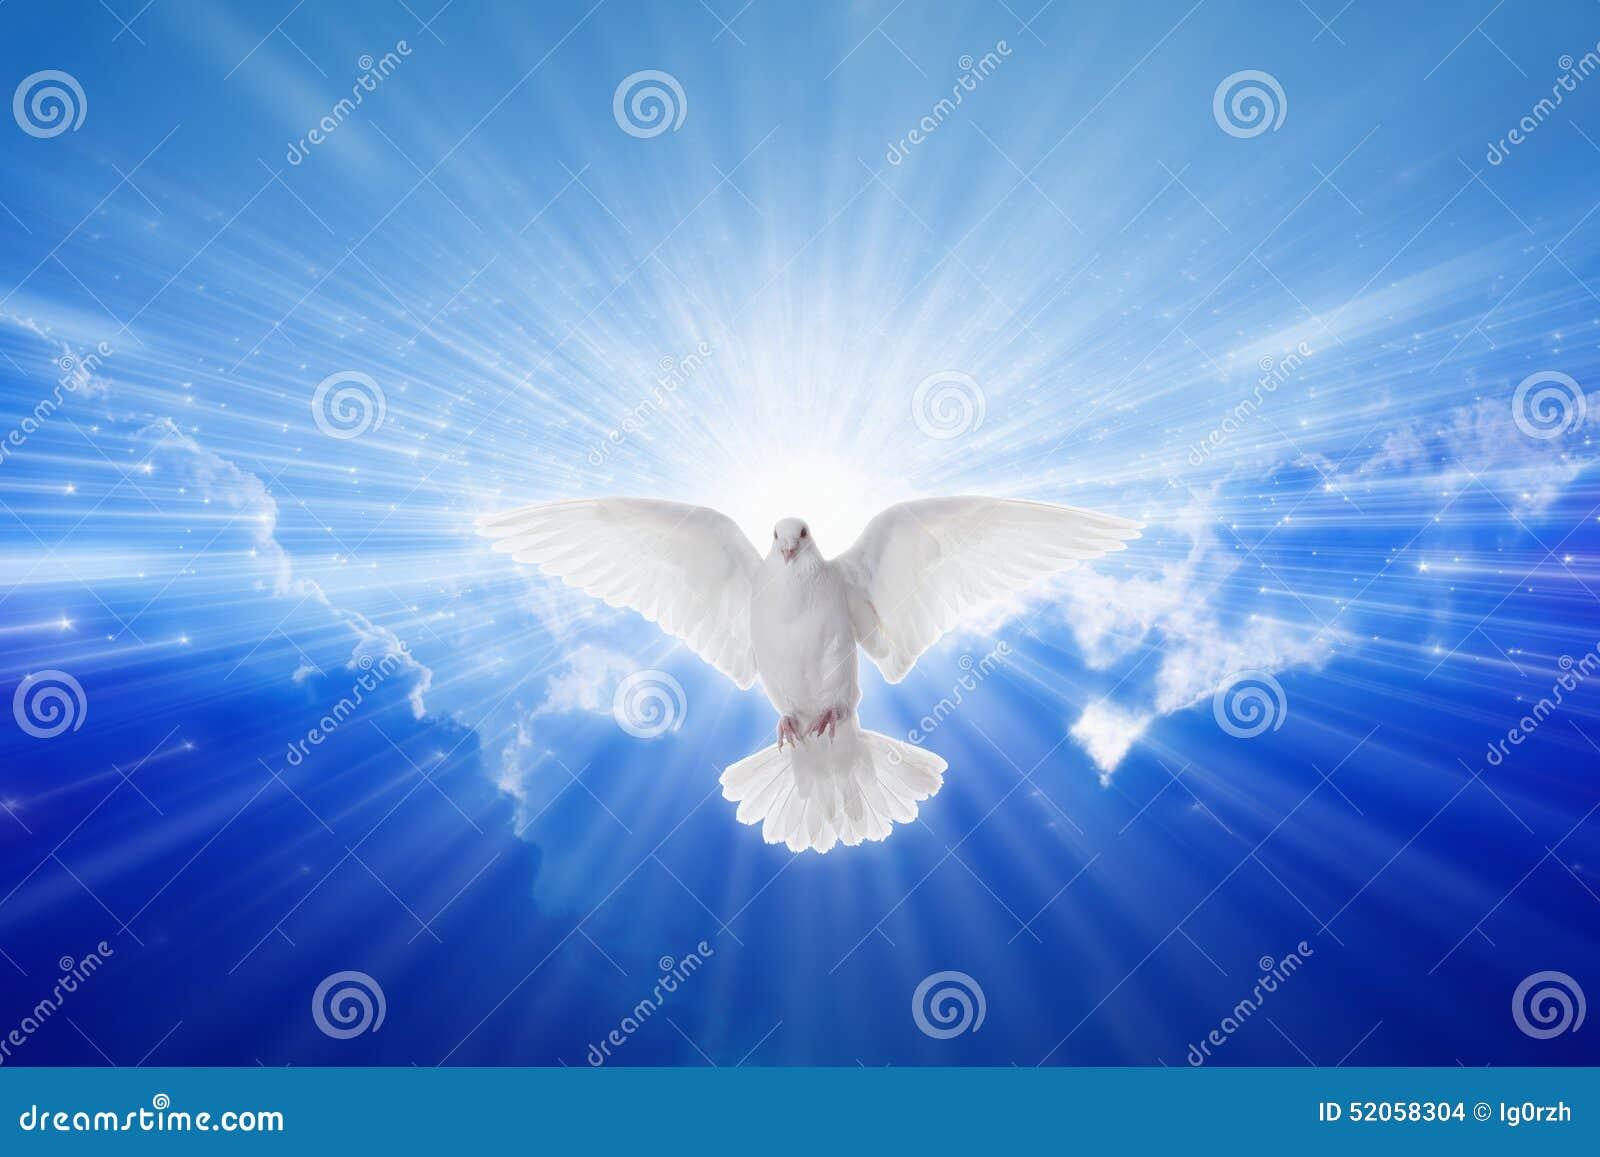 Святой дух пришел вниз как голубь